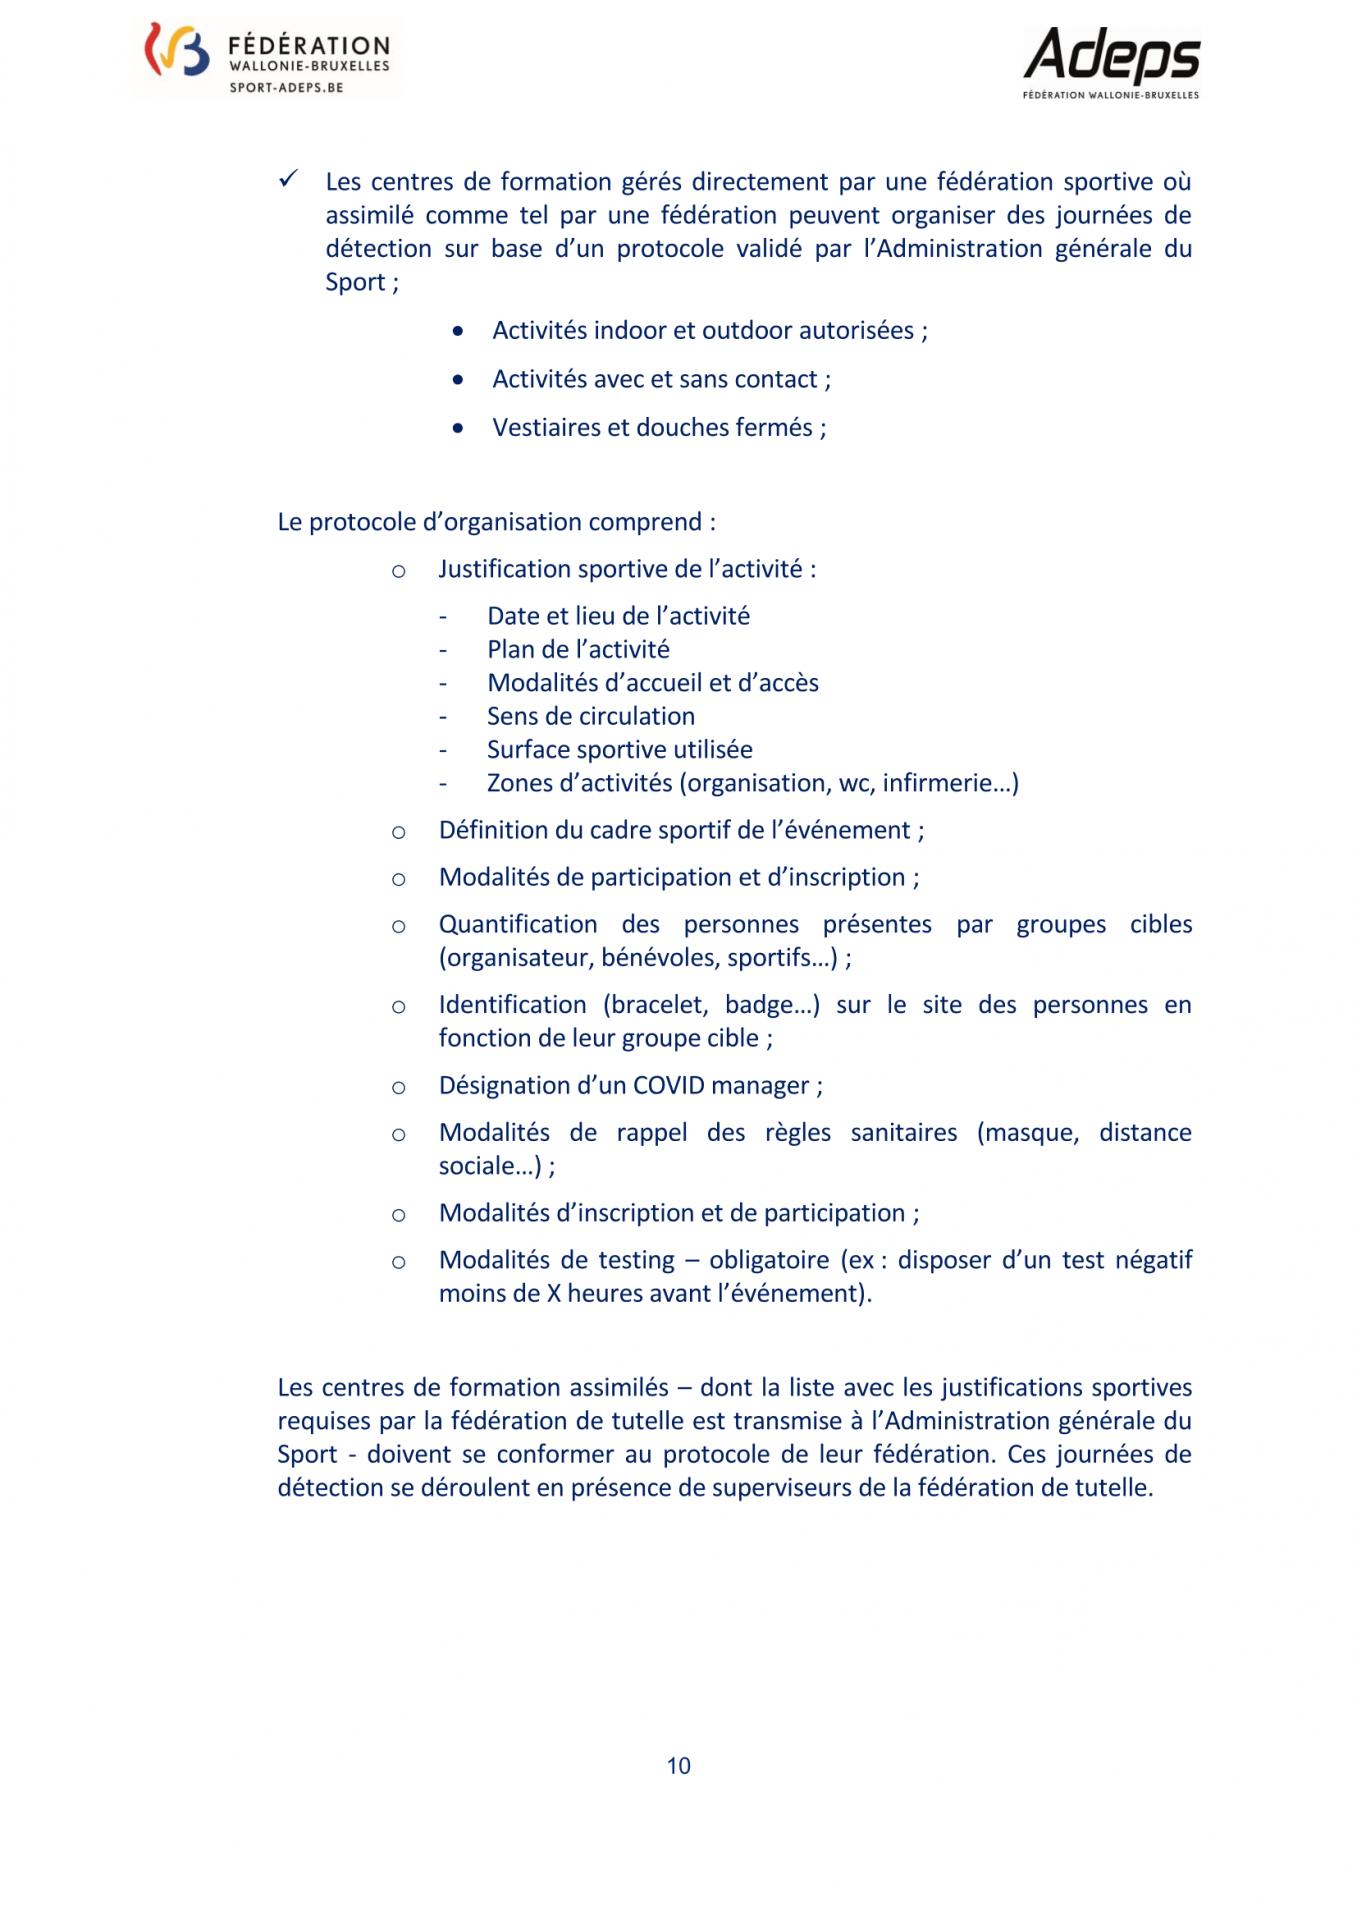 Protocole activites physiques et sportives 26 avril 2021 page 14